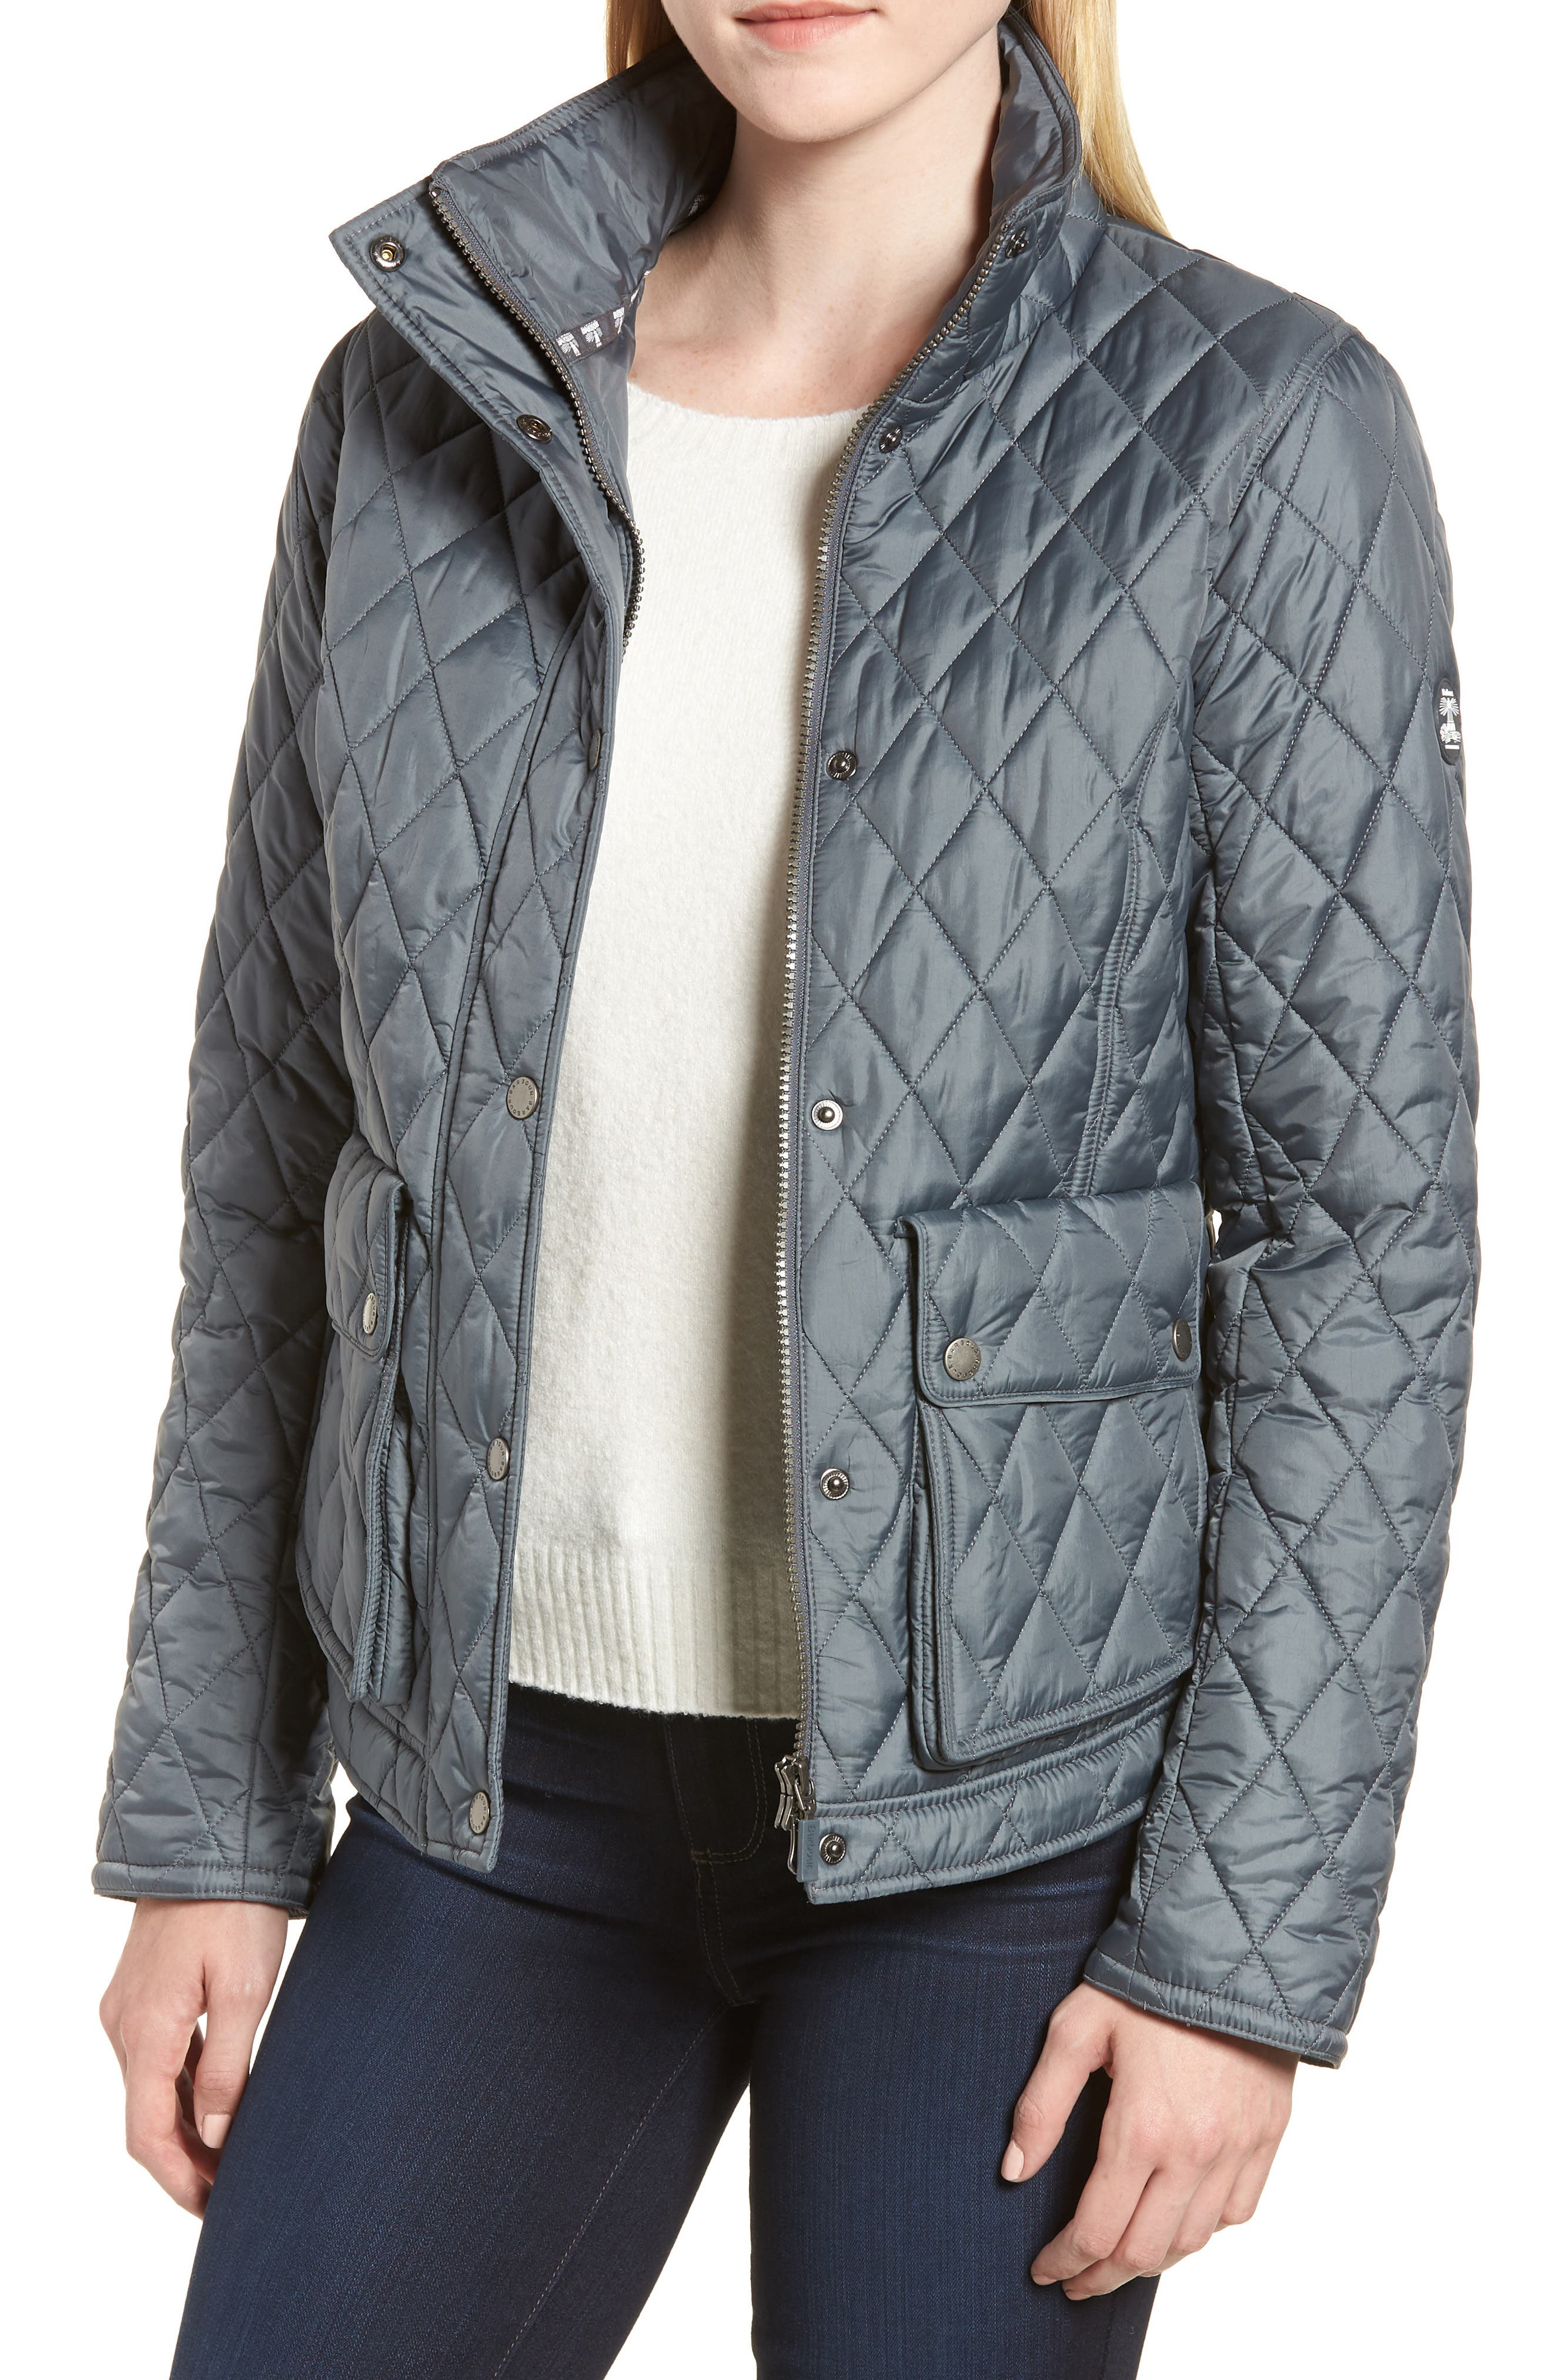 Barbour Fairway Quilted Jacket, US / 12 UK - Grey